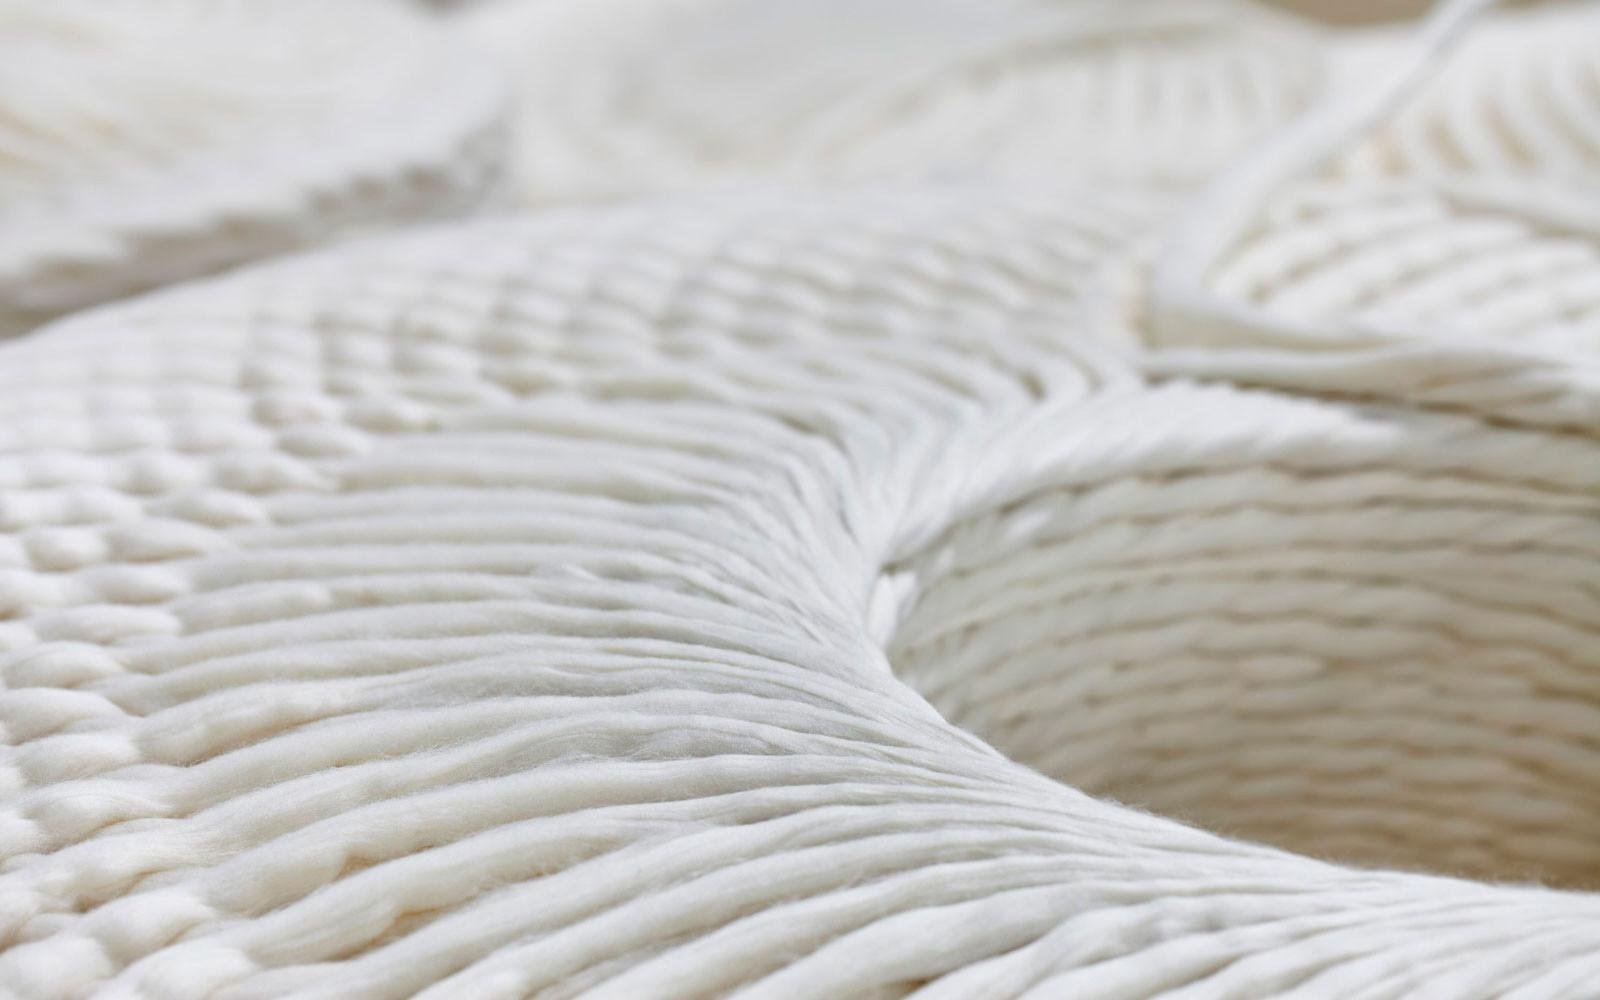 ventajas del algodón